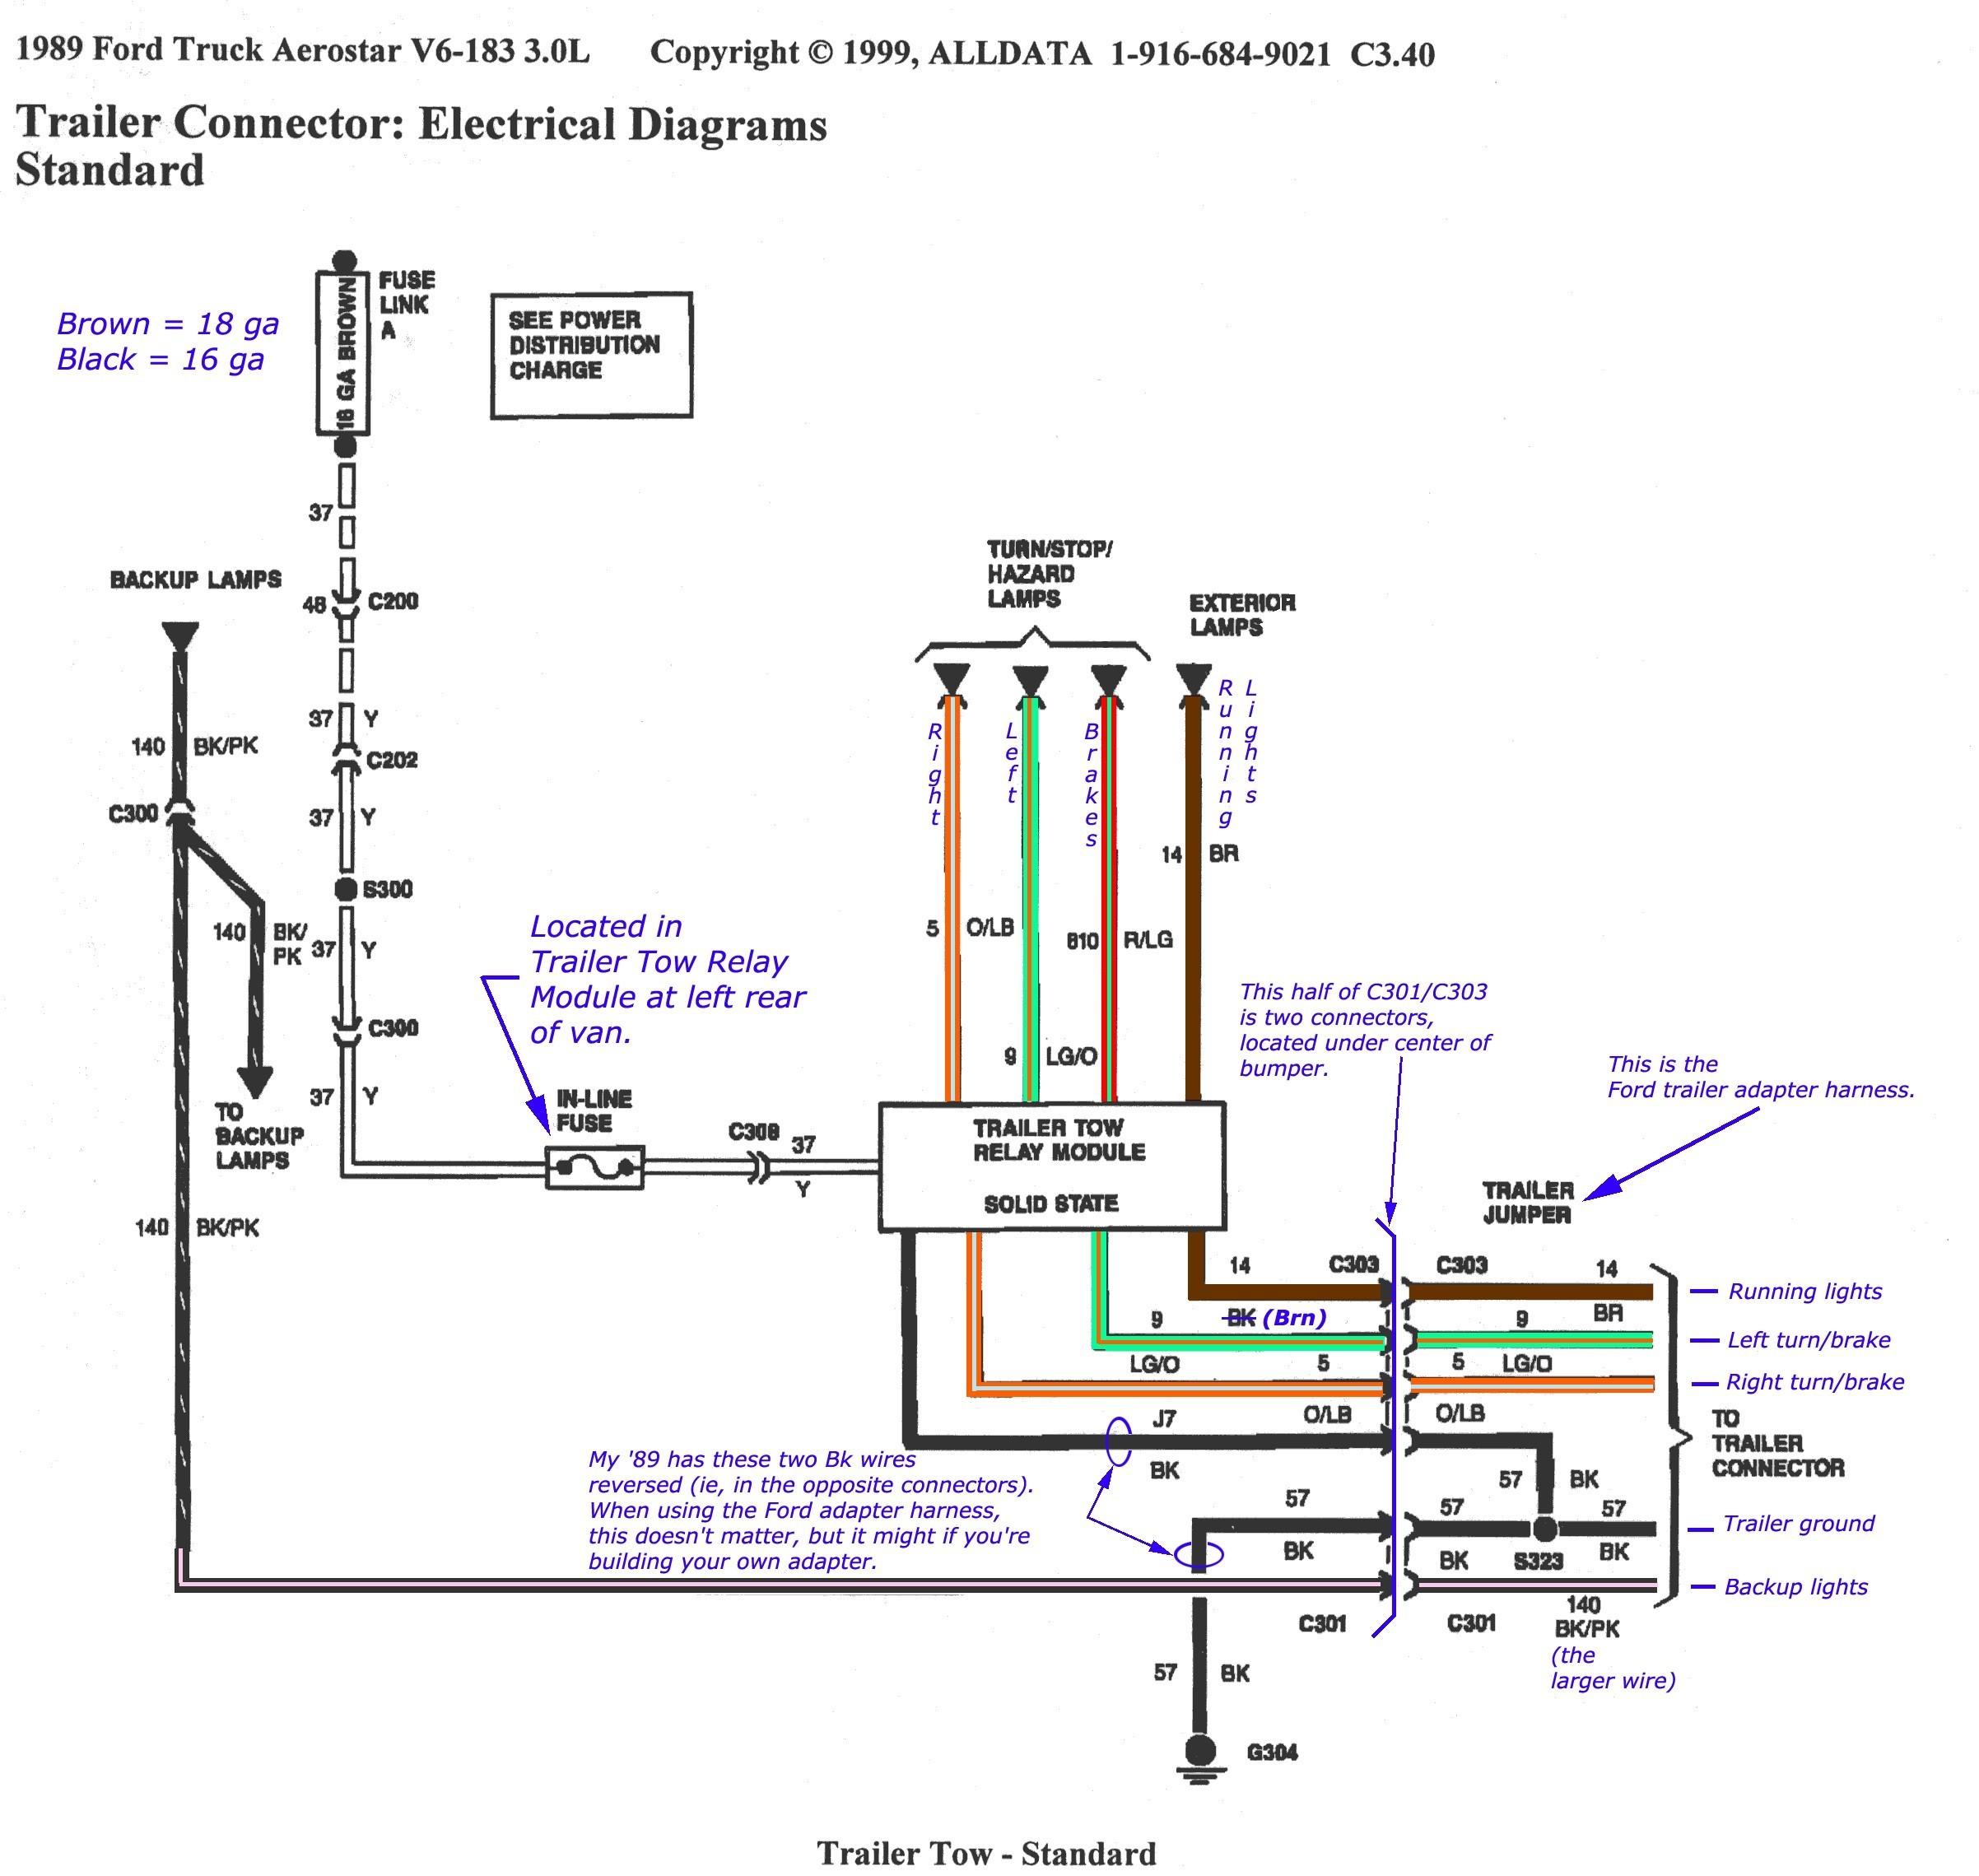 Ford Trailer Plug Wiring Diagram 1999 ford F350 Wiring Diagram Fresh Wiring Diagram Trailer ford F550 Of Ford Trailer Plug Wiring Diagram